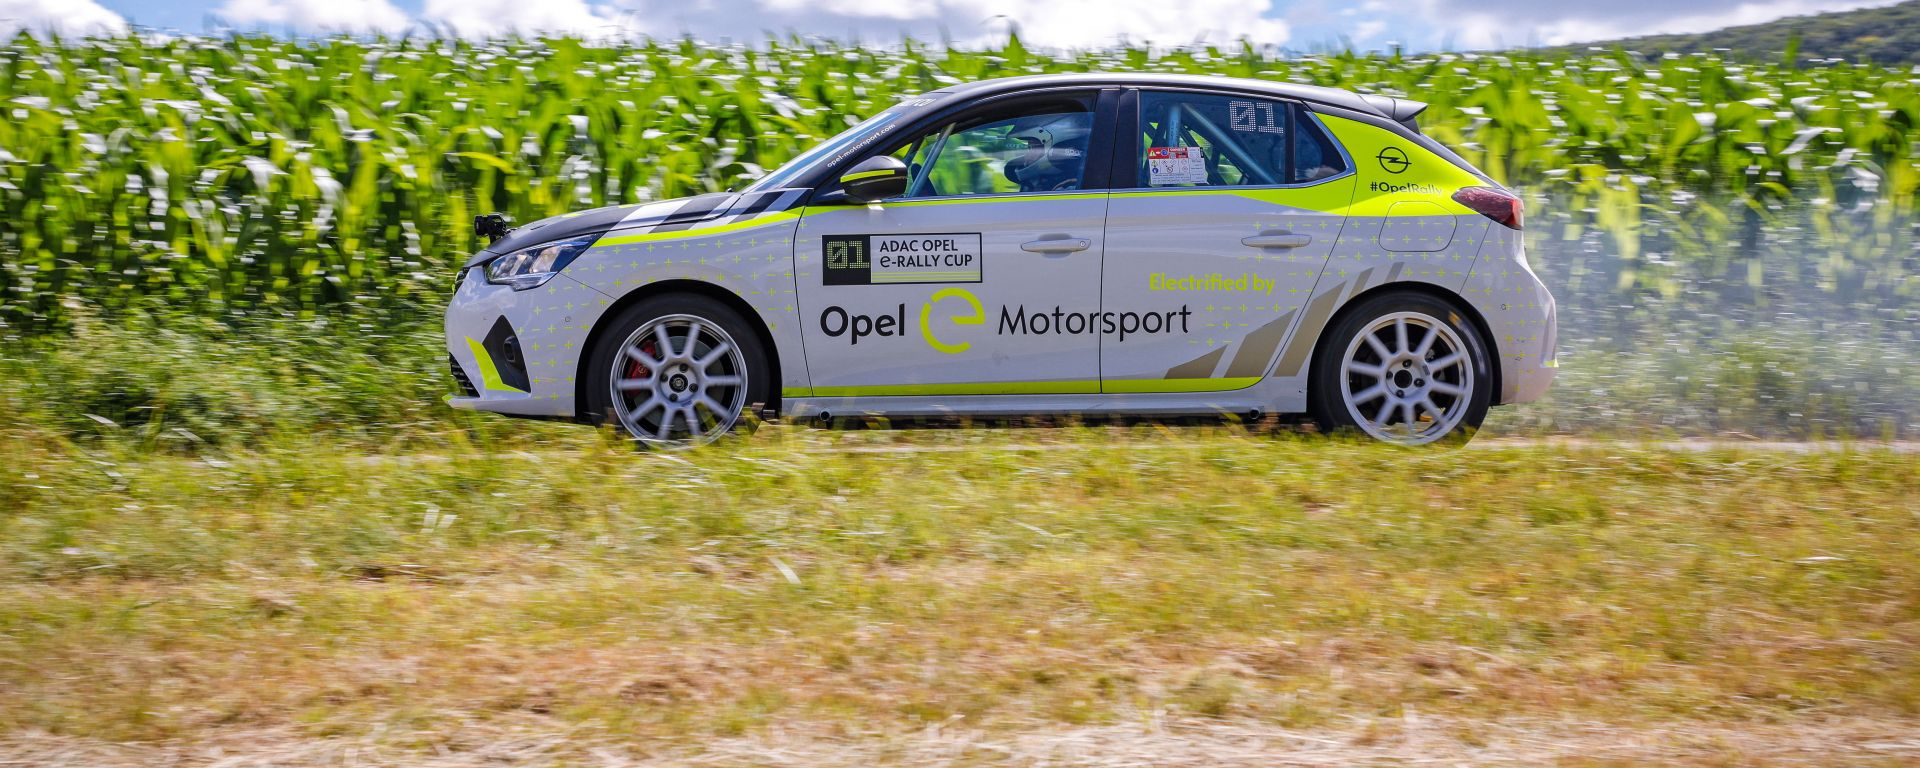 La nuova Opel Corsa-e Rally impegnata nei test di sviluppo